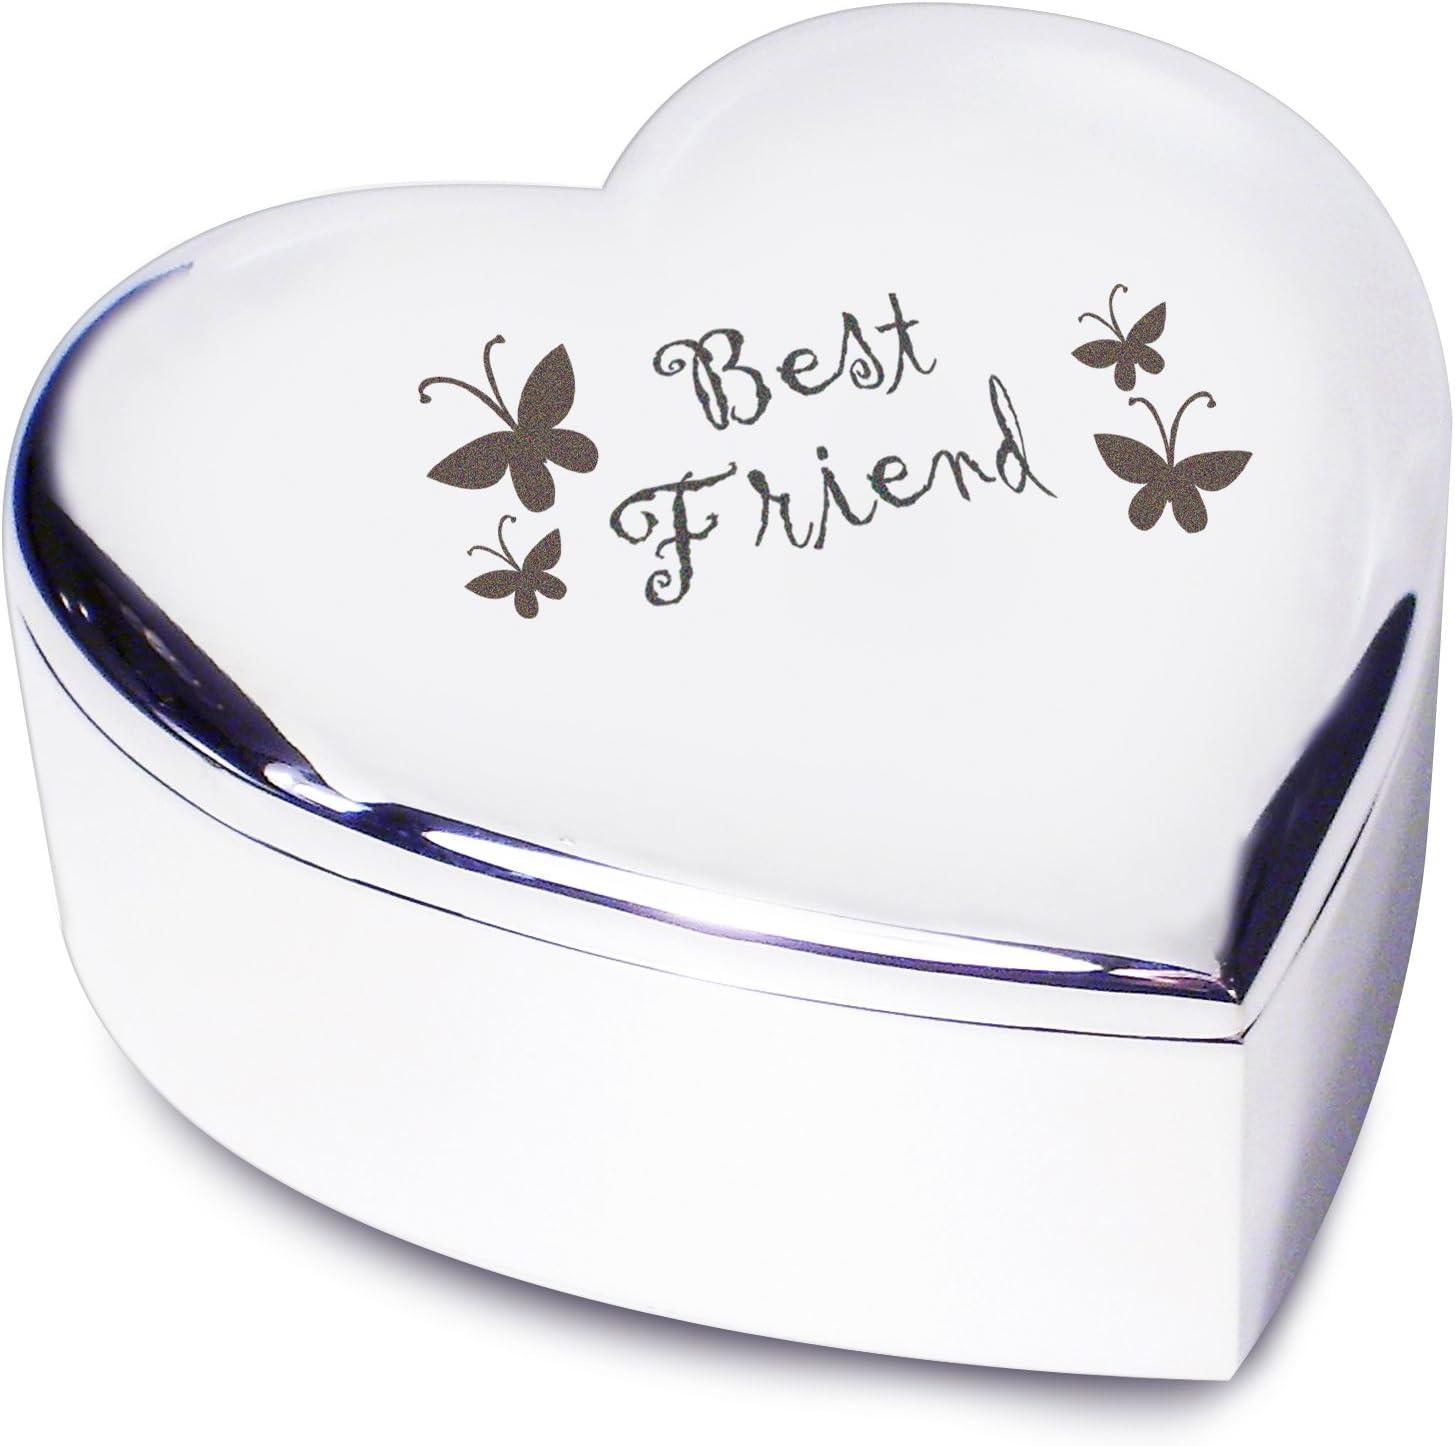 Best Friend Heart Trinket Amazon Co Uk Kitchen Home